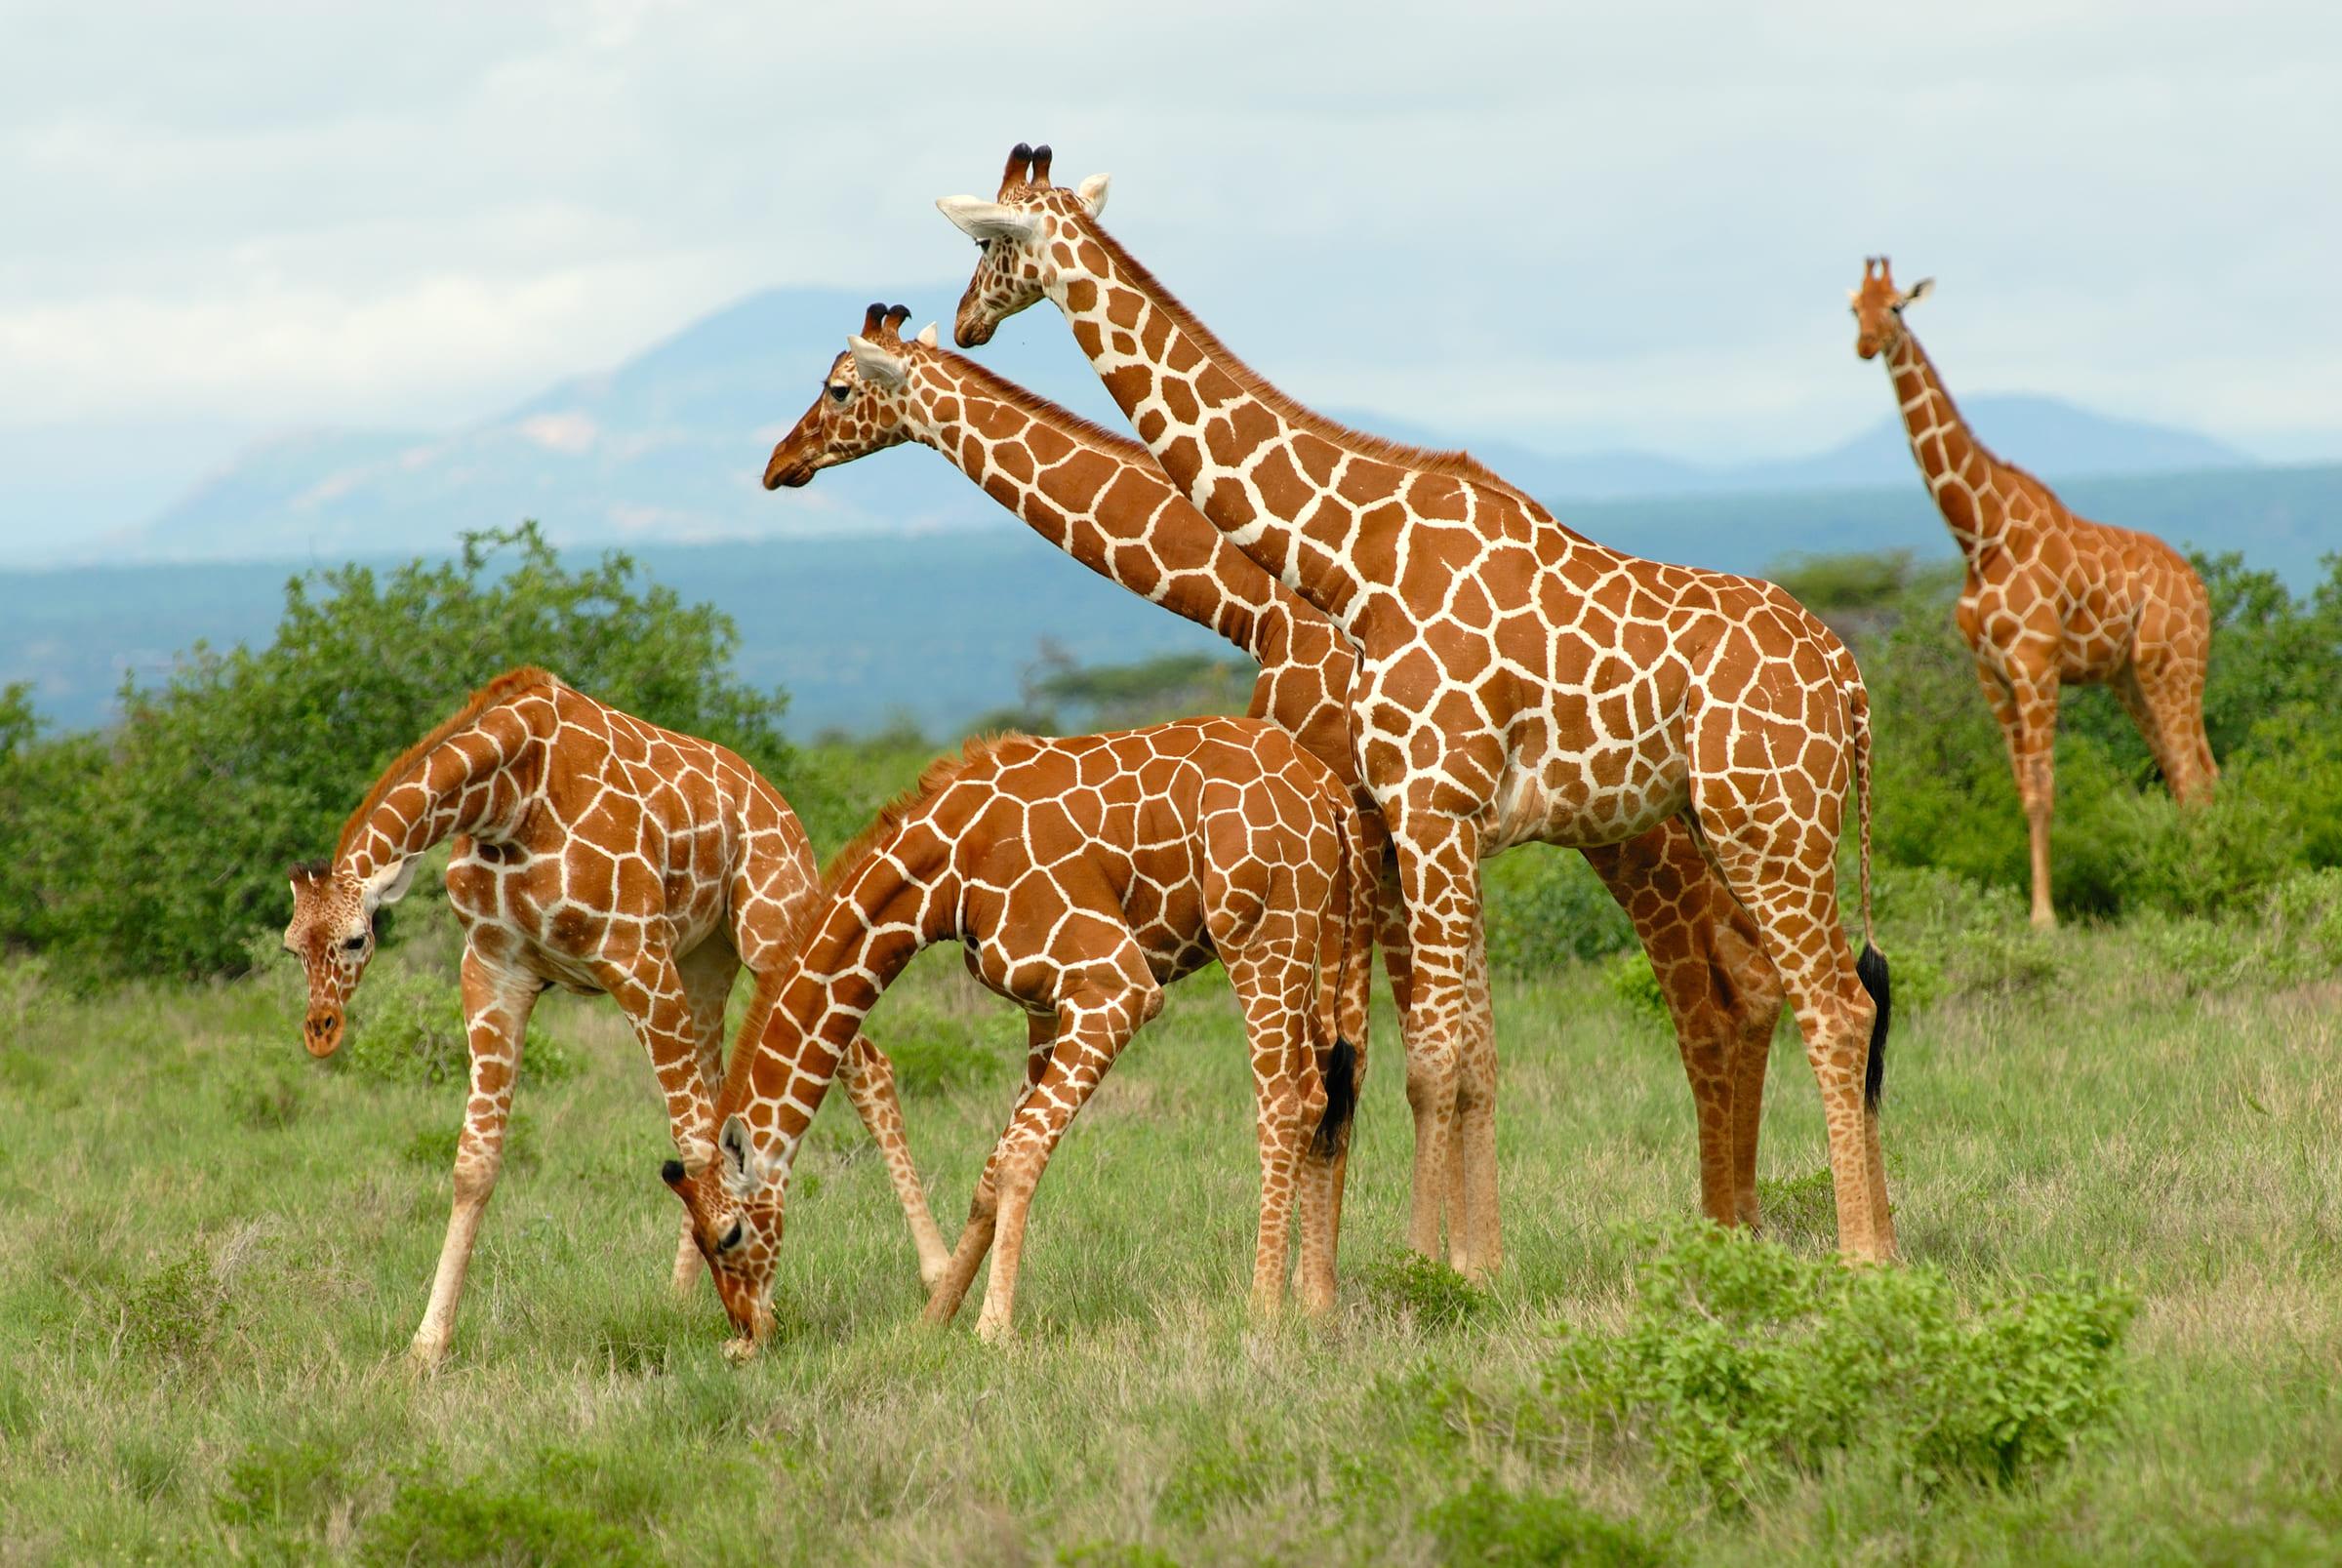 Un gruppo di giraffe reticolate